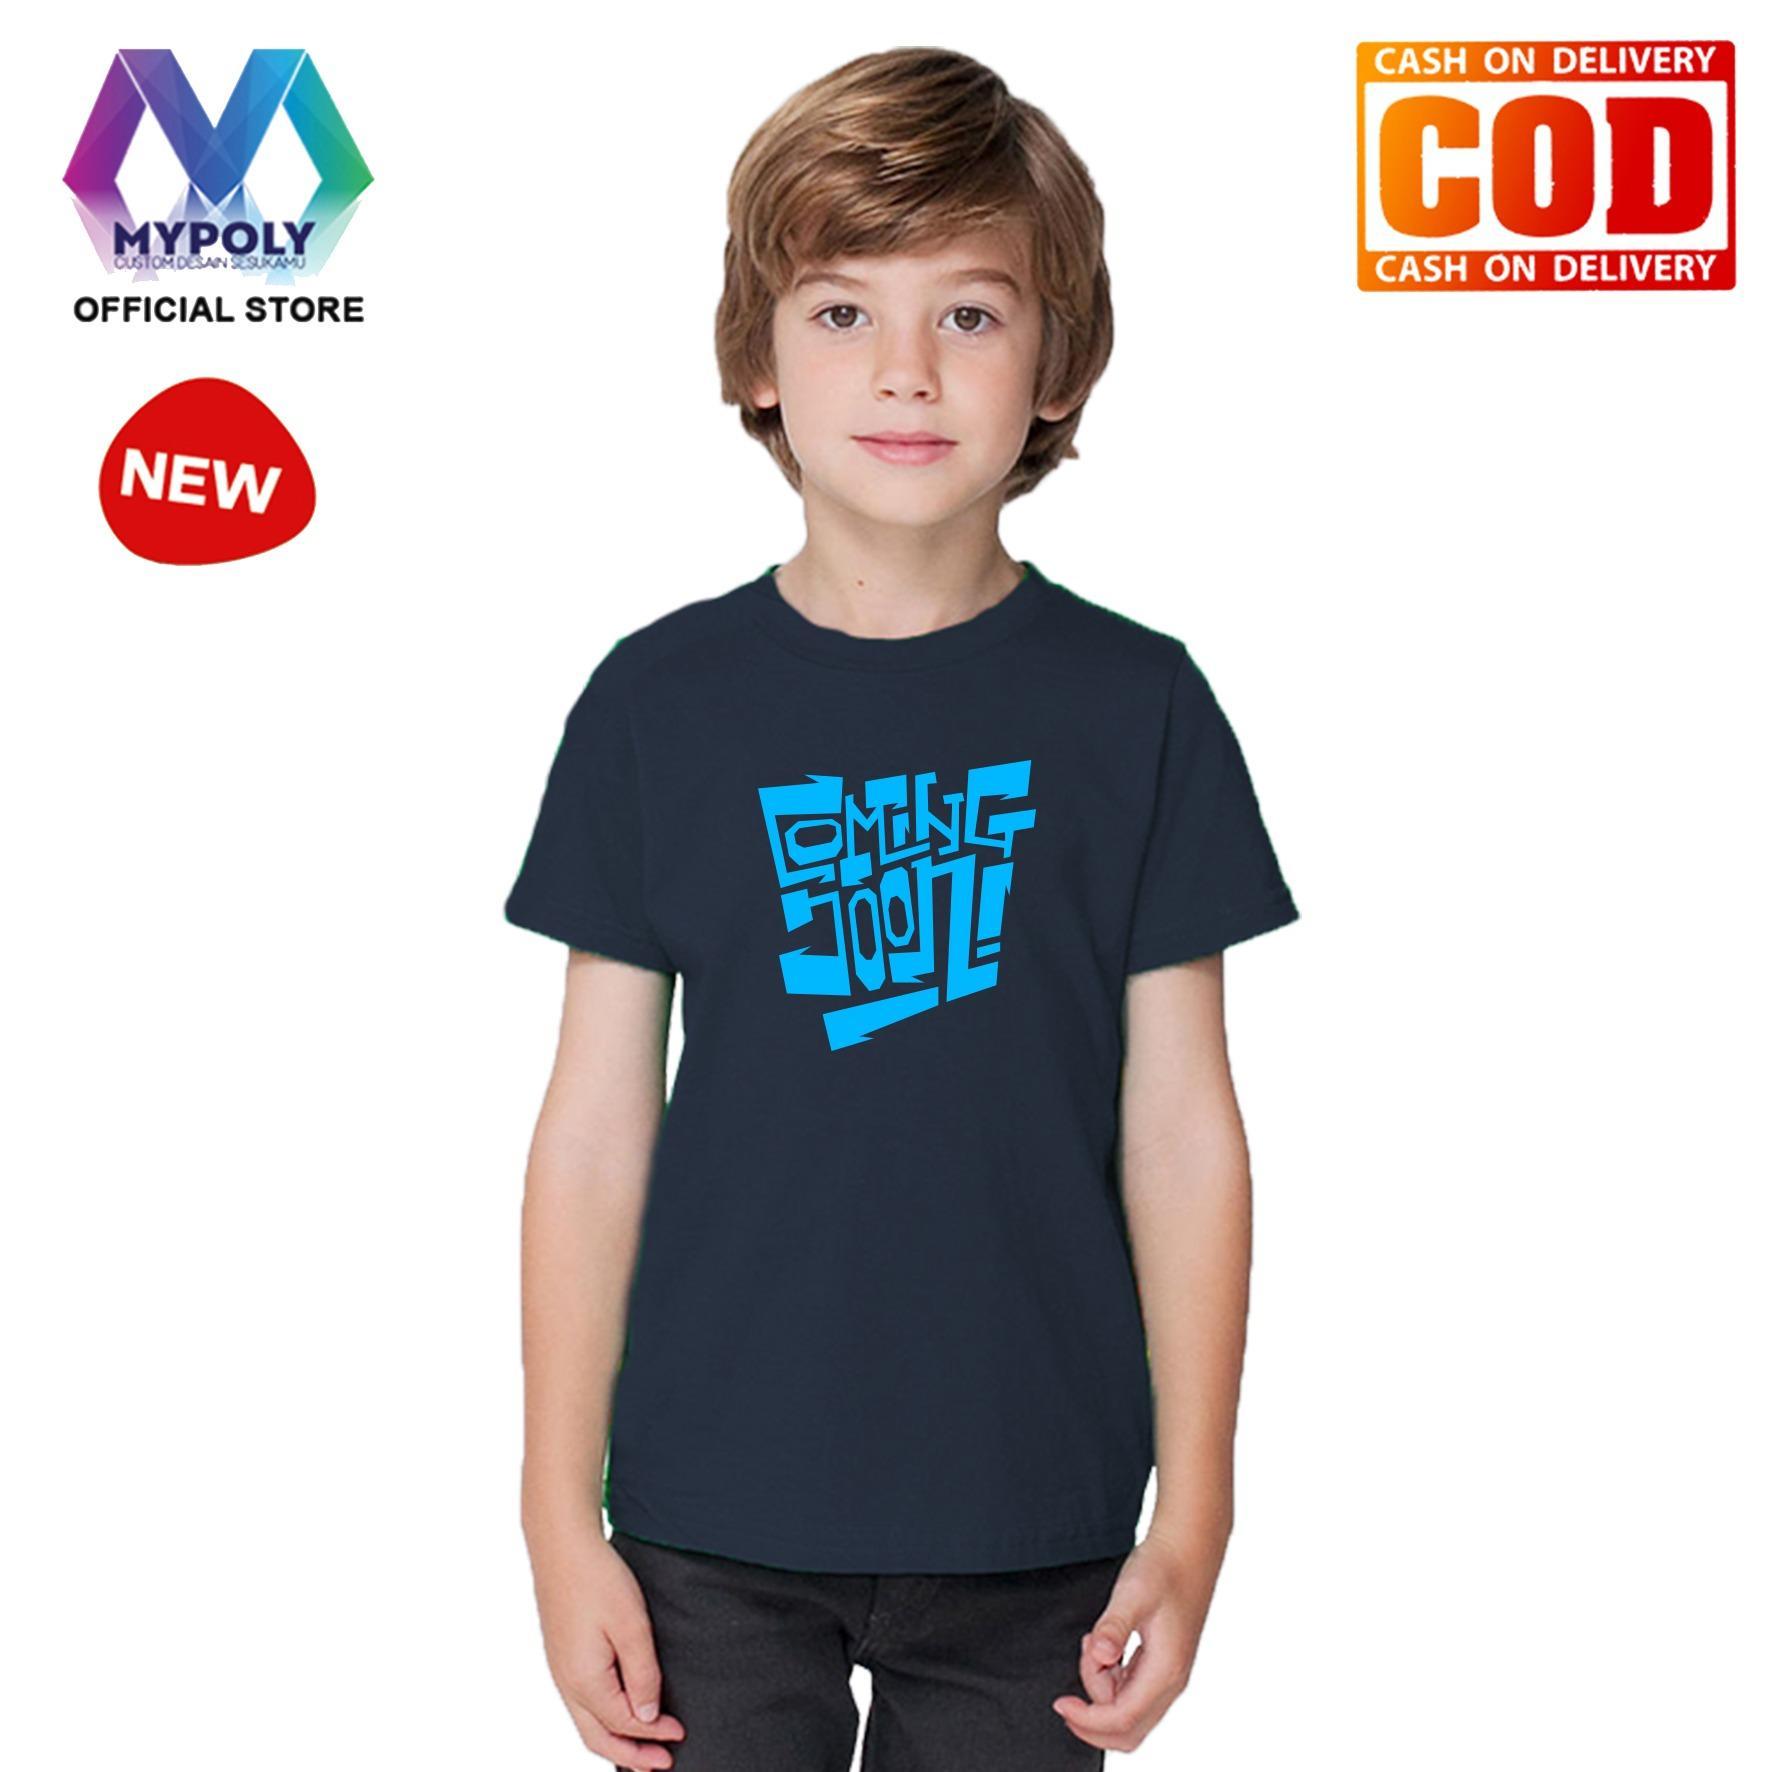 Kaos Premium Mypoly Anak Pria laki-laki AP / Baju Couple Family Keluarga / Tshirt distro / Fashion atasan / Kaos Anime / Kaos Animasi / Kaos Super Hero / Kaos Kartun / Kaos Cartoon / Kaos Lucu / Kaos Gambar Karakter / Kaos Anak Coming Soon